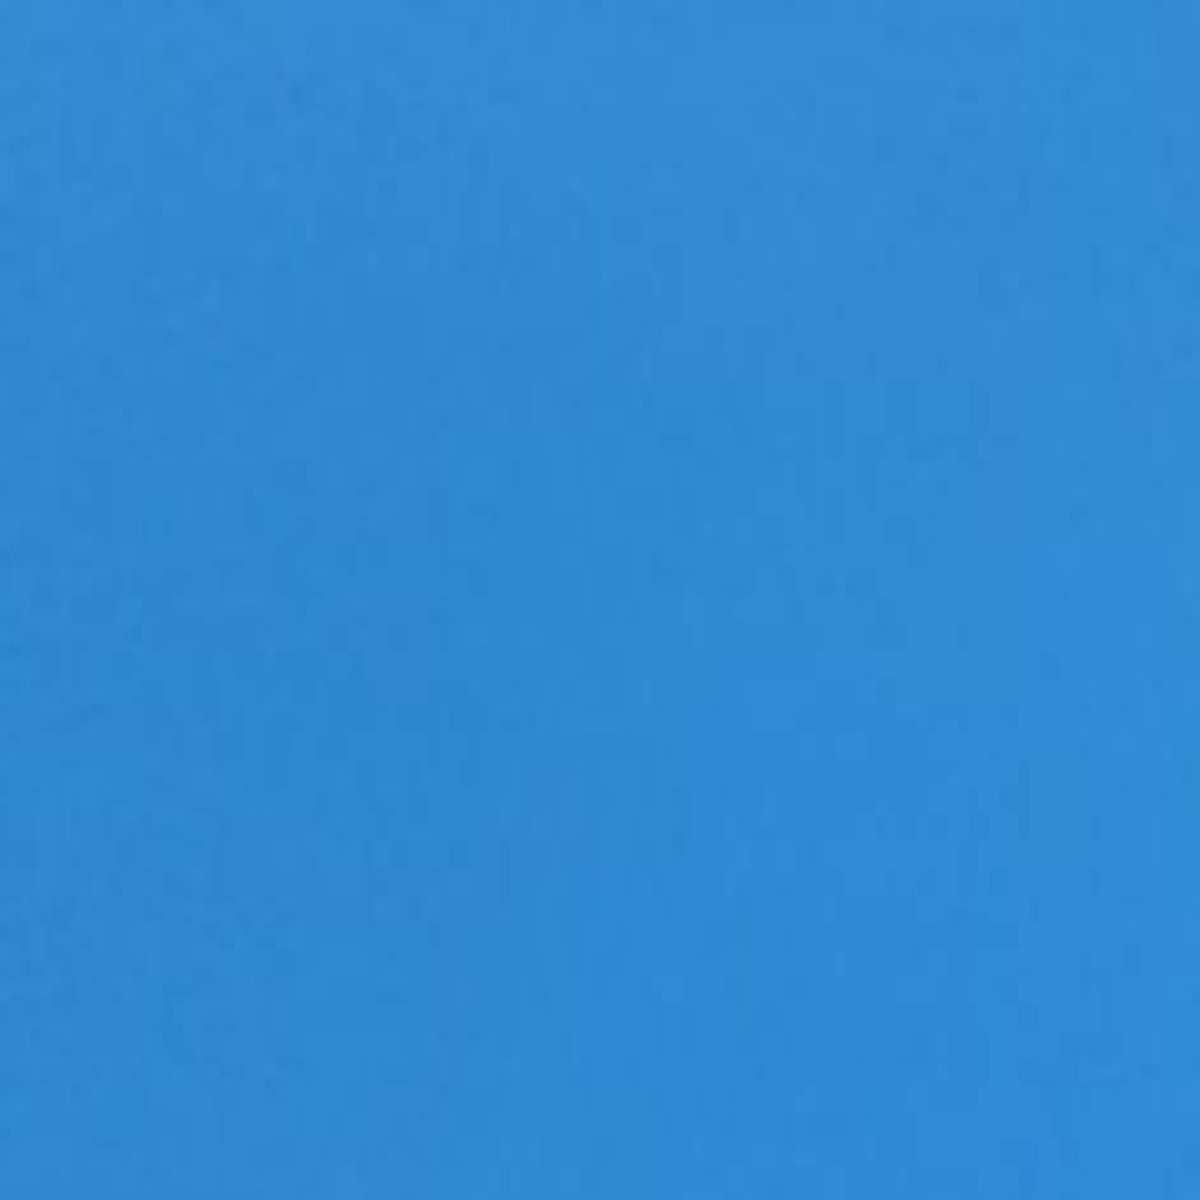 Placa em EVA | 60x40cm Azul Bebe 1,8mm Pct.c/10 - Dubflex